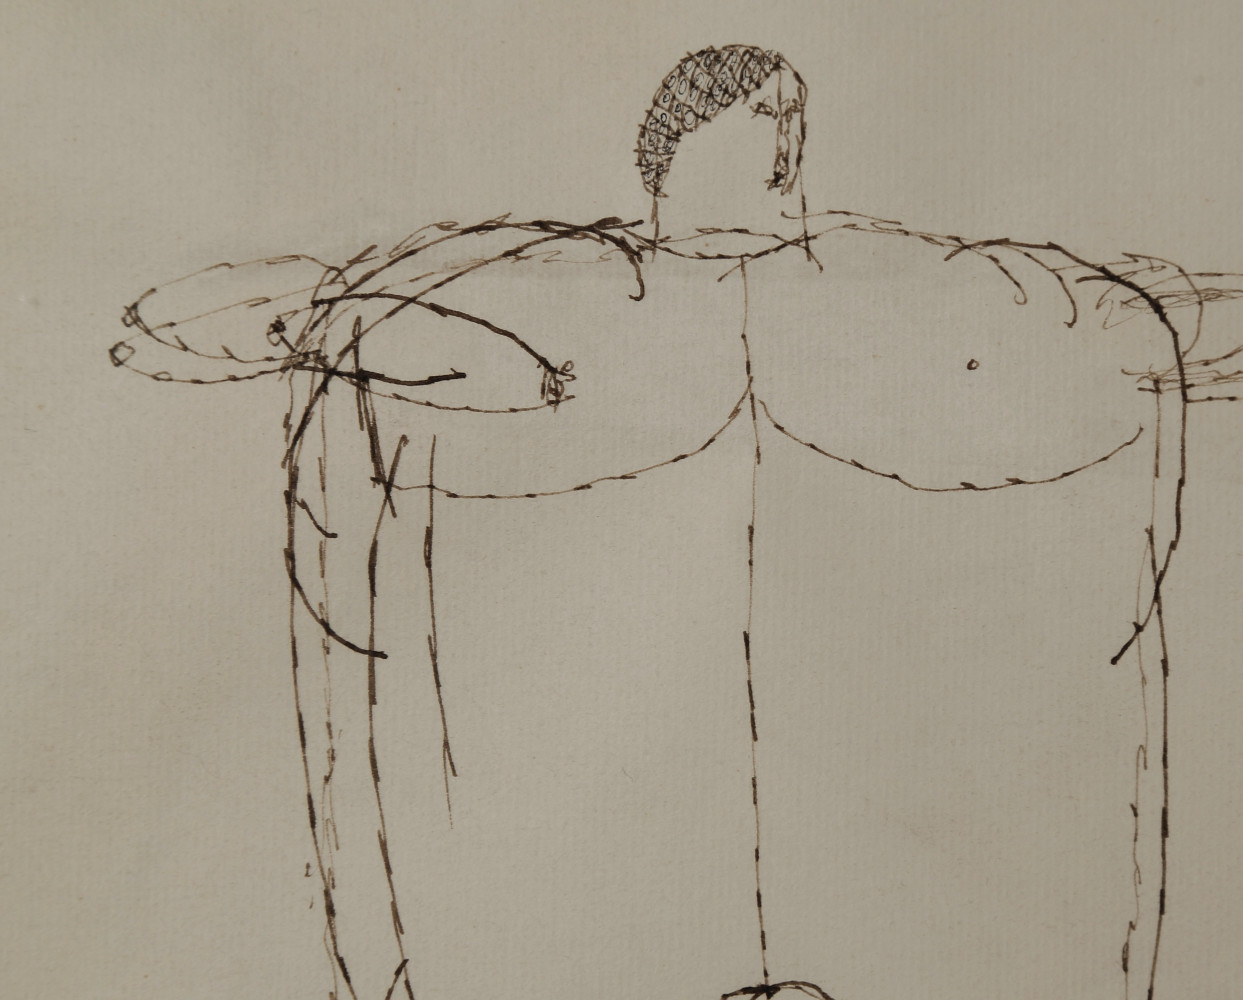 Figure by Joseph Glasco